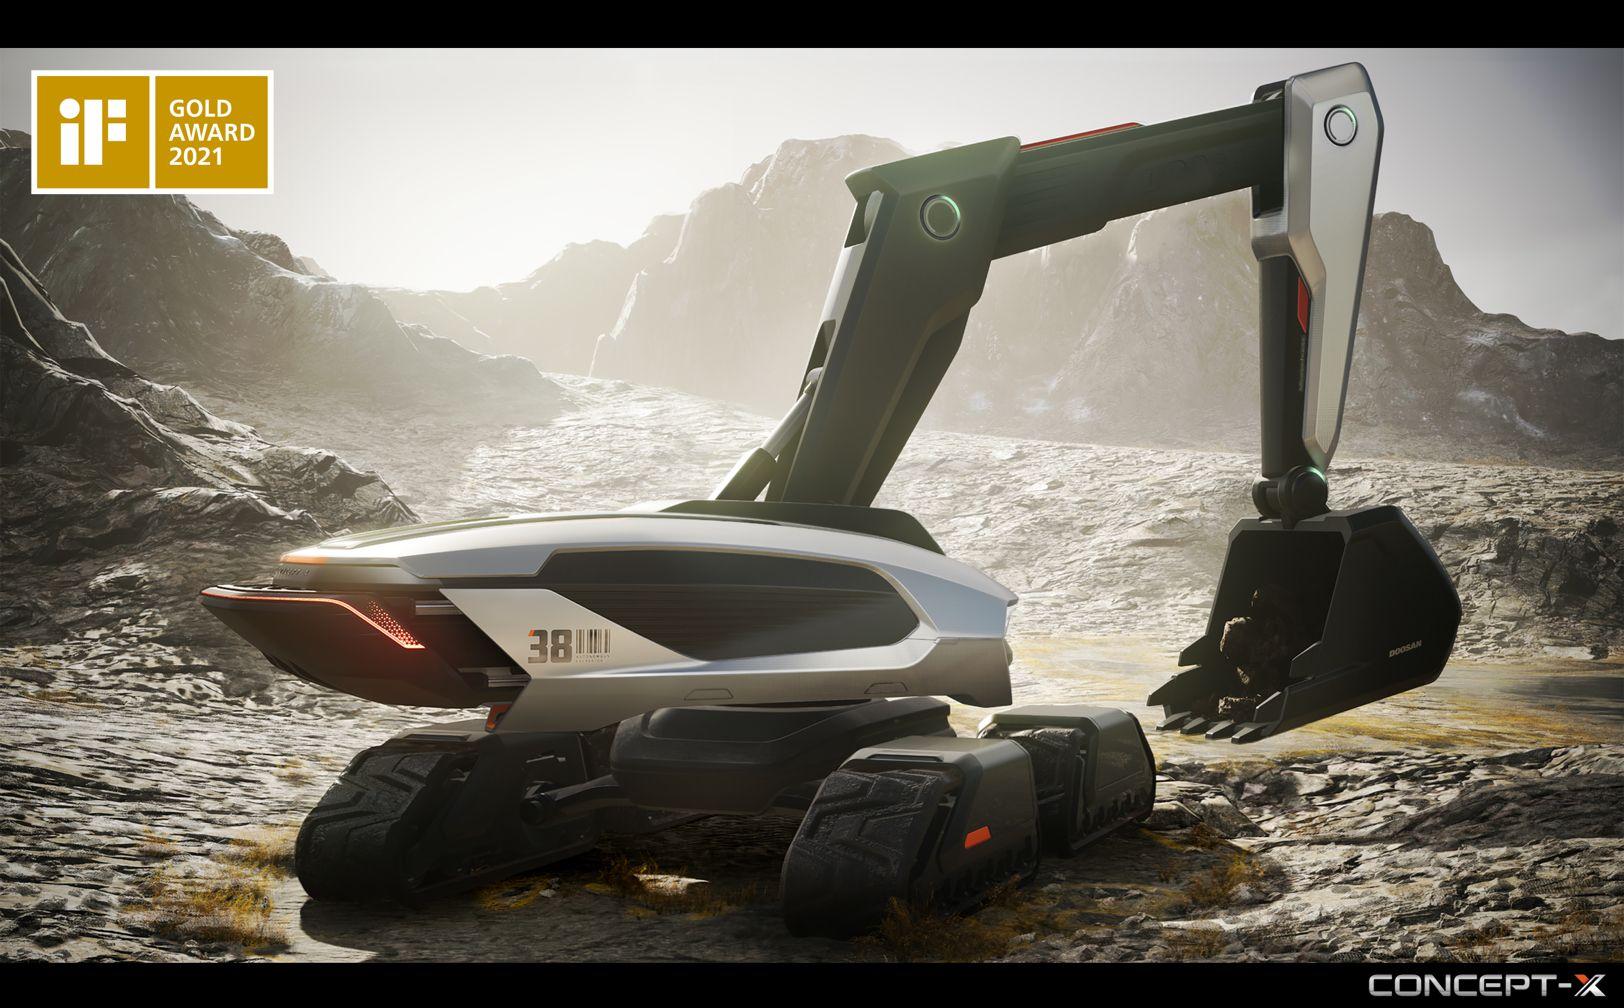 Excavator Concept-X - RevSobreOru